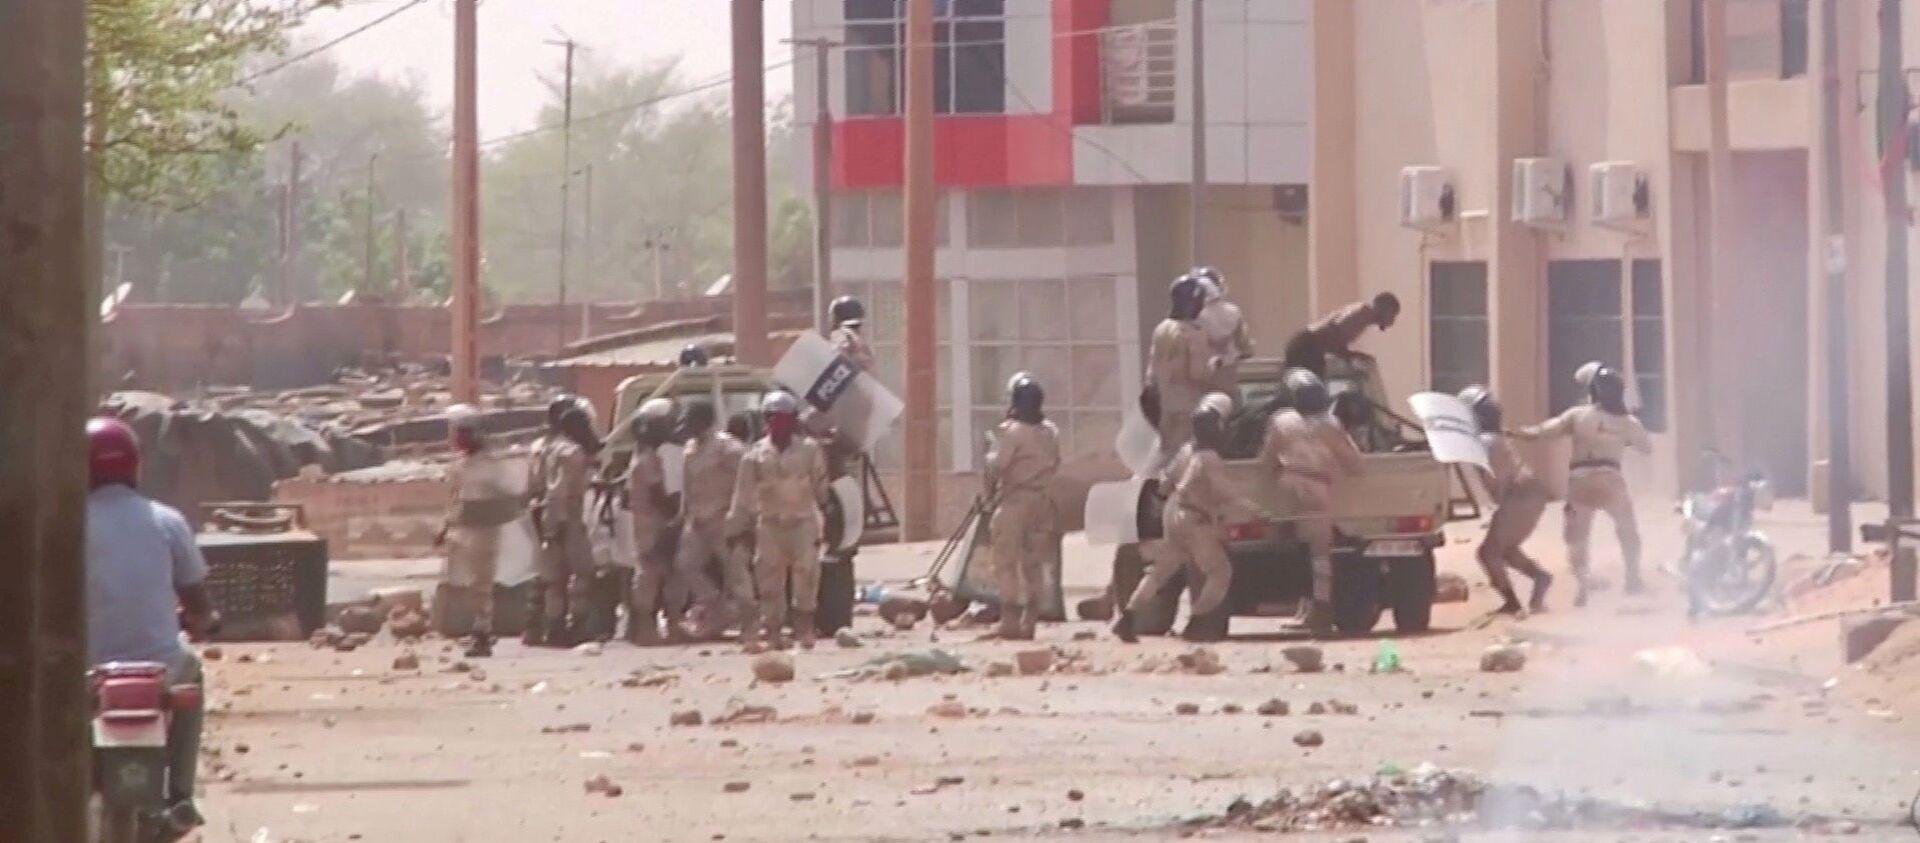 Répression des manifestations postélectorales à Niamey, Niger, le 24 février 2021. - Sputnik France, 1920, 26.02.2021